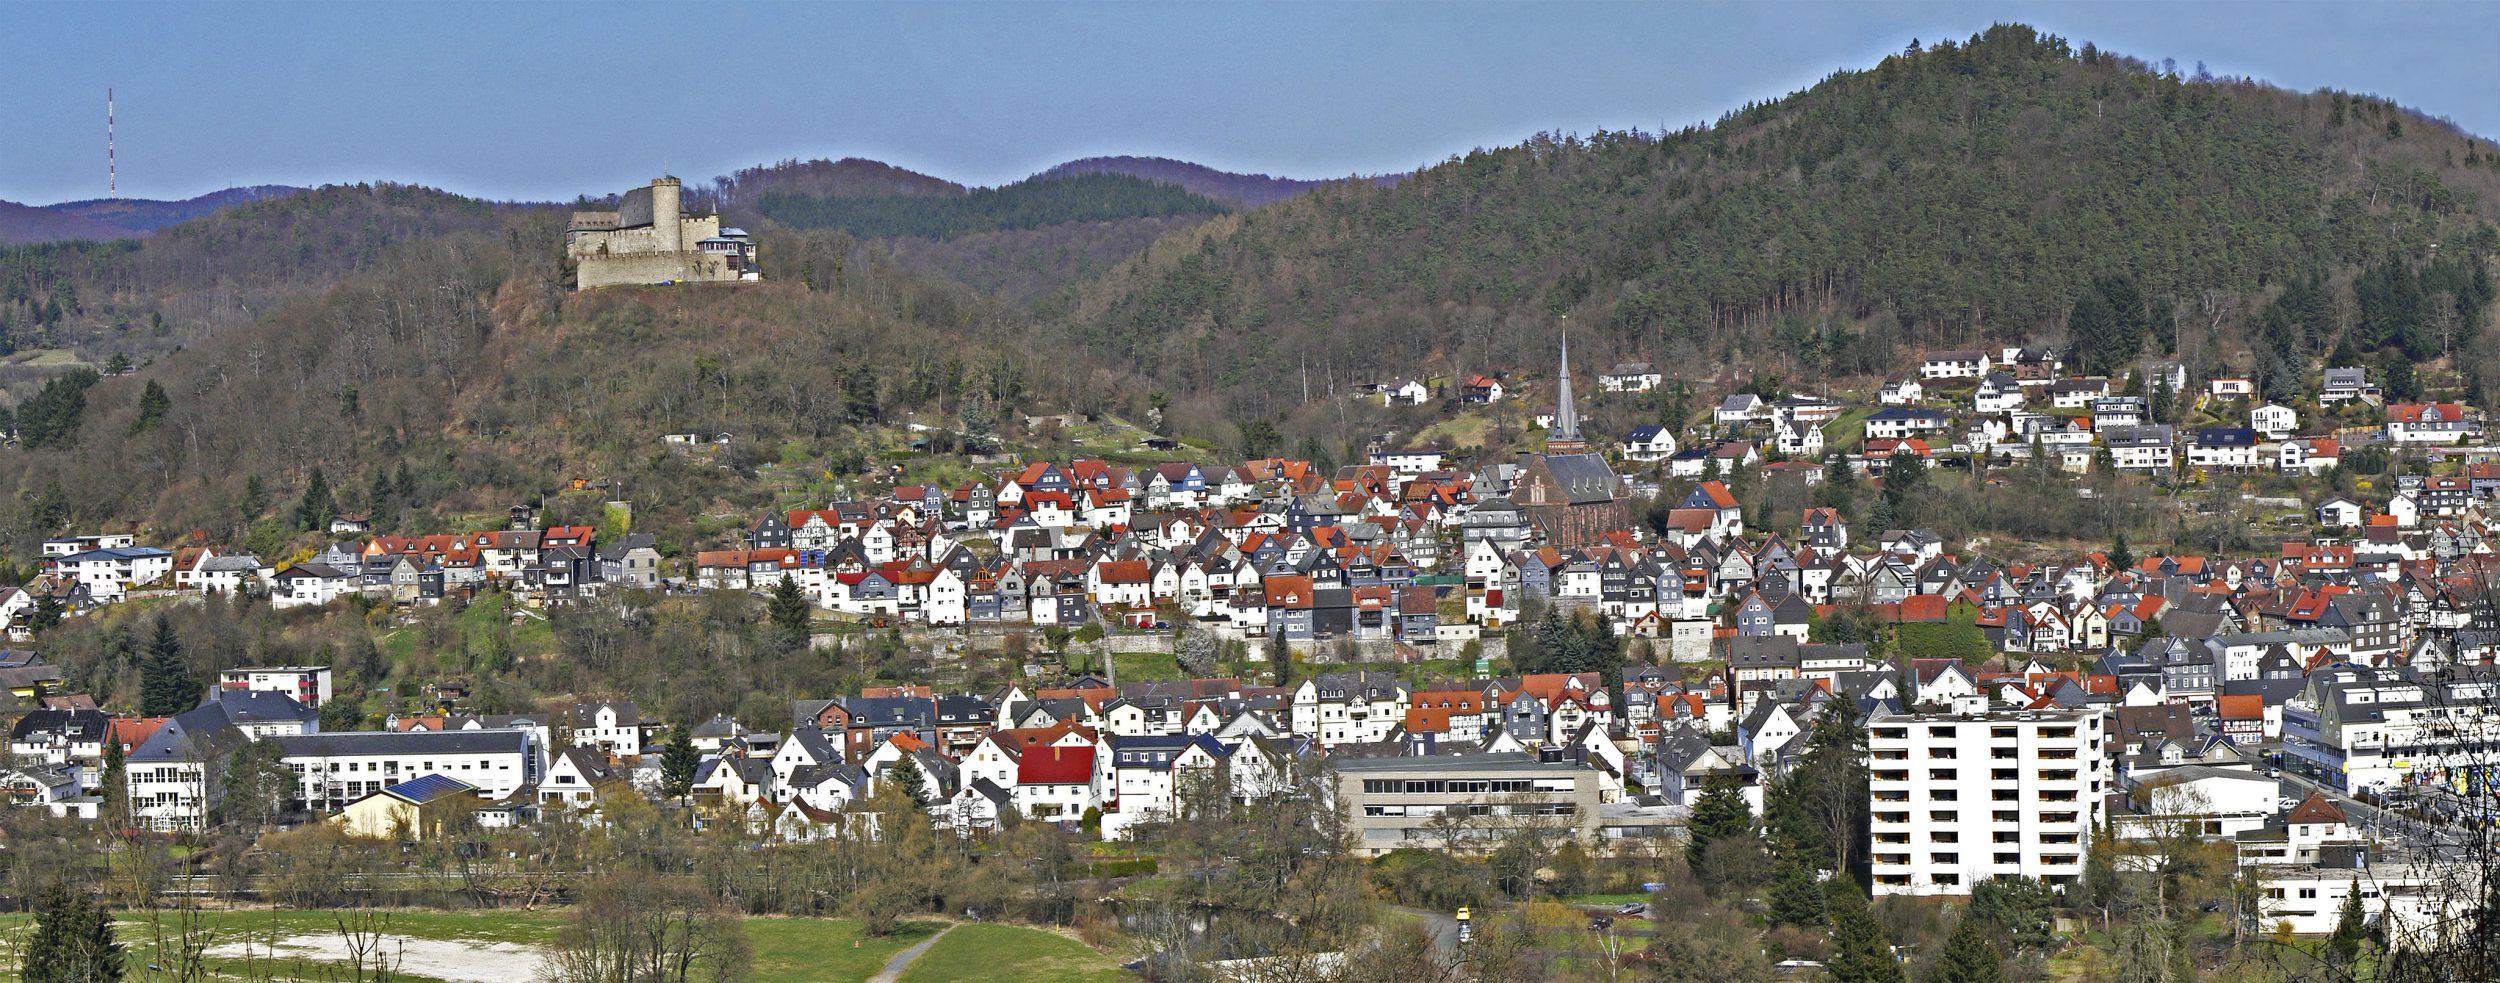 Panorama der Stadt Biedenkopf | Fotograf Armin Genz